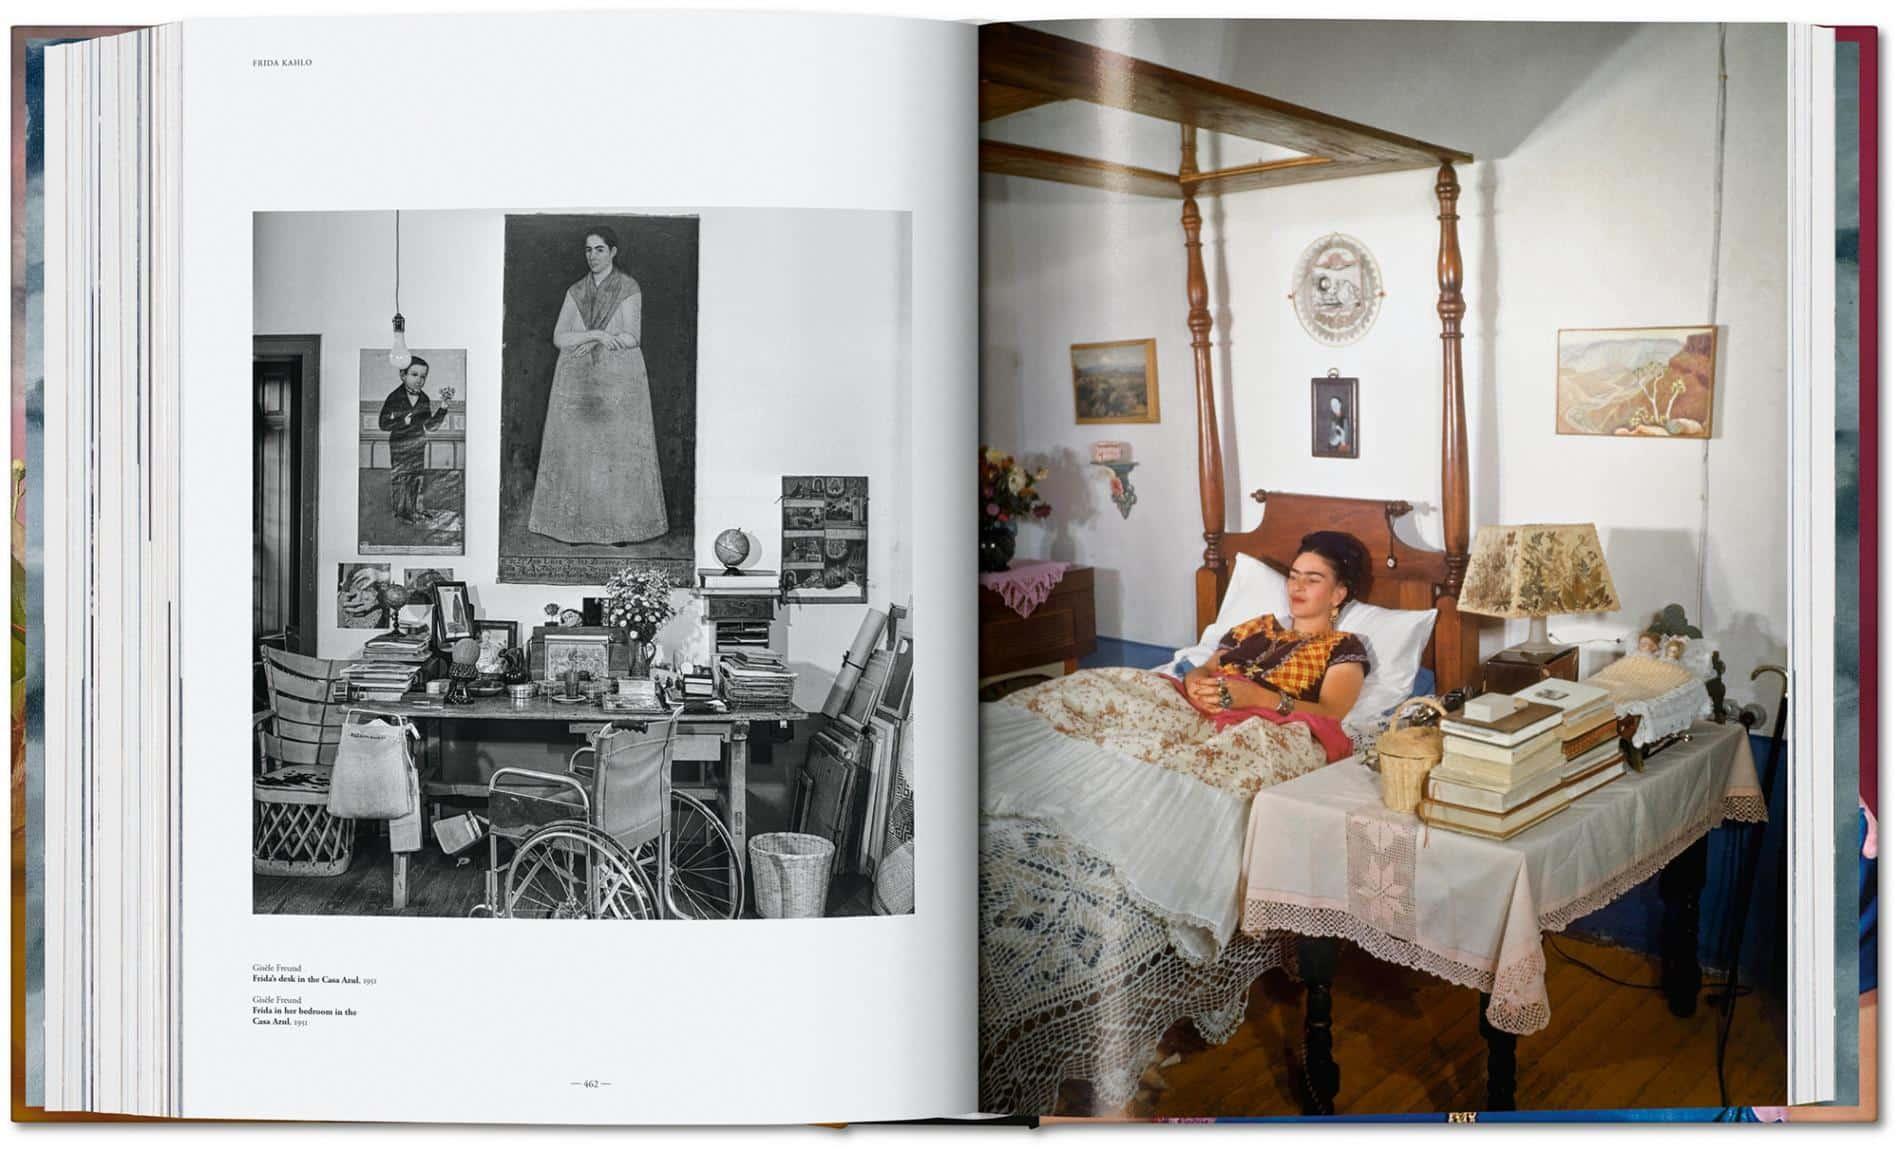 kahlo autoretrato libro paginas 3